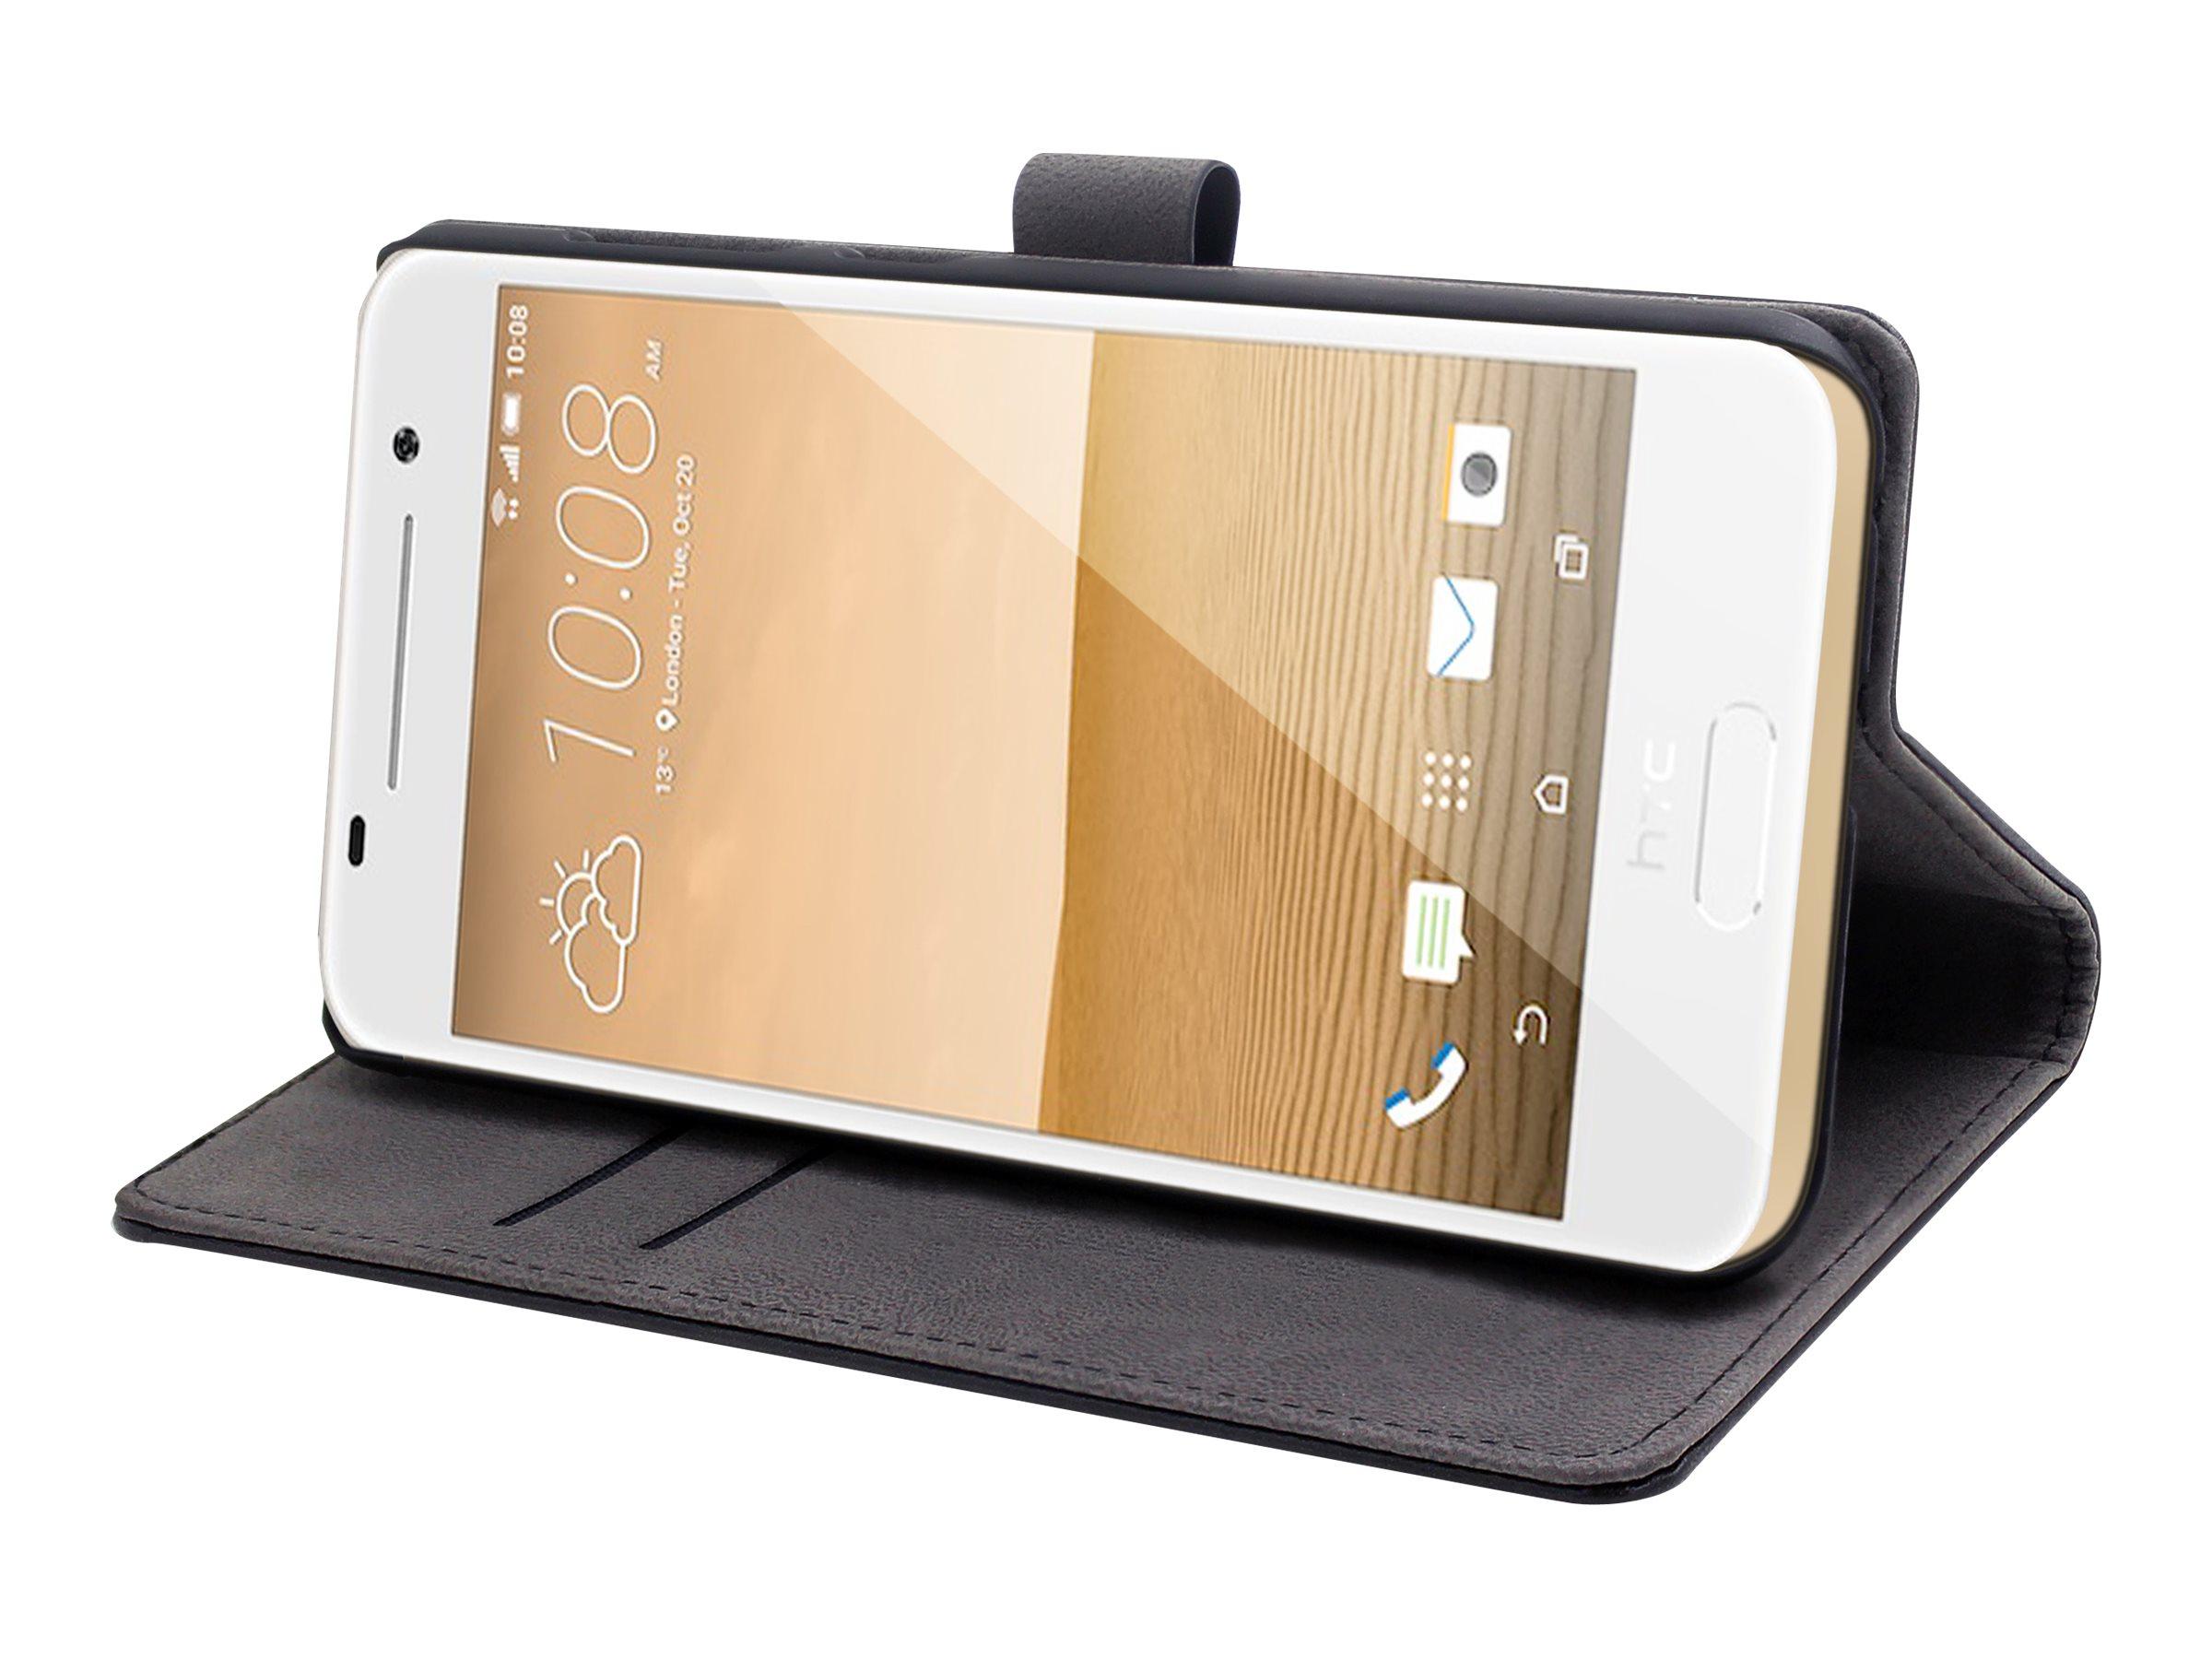 Muvit Customline Slim Folio protection à rabat pour téléphone portable